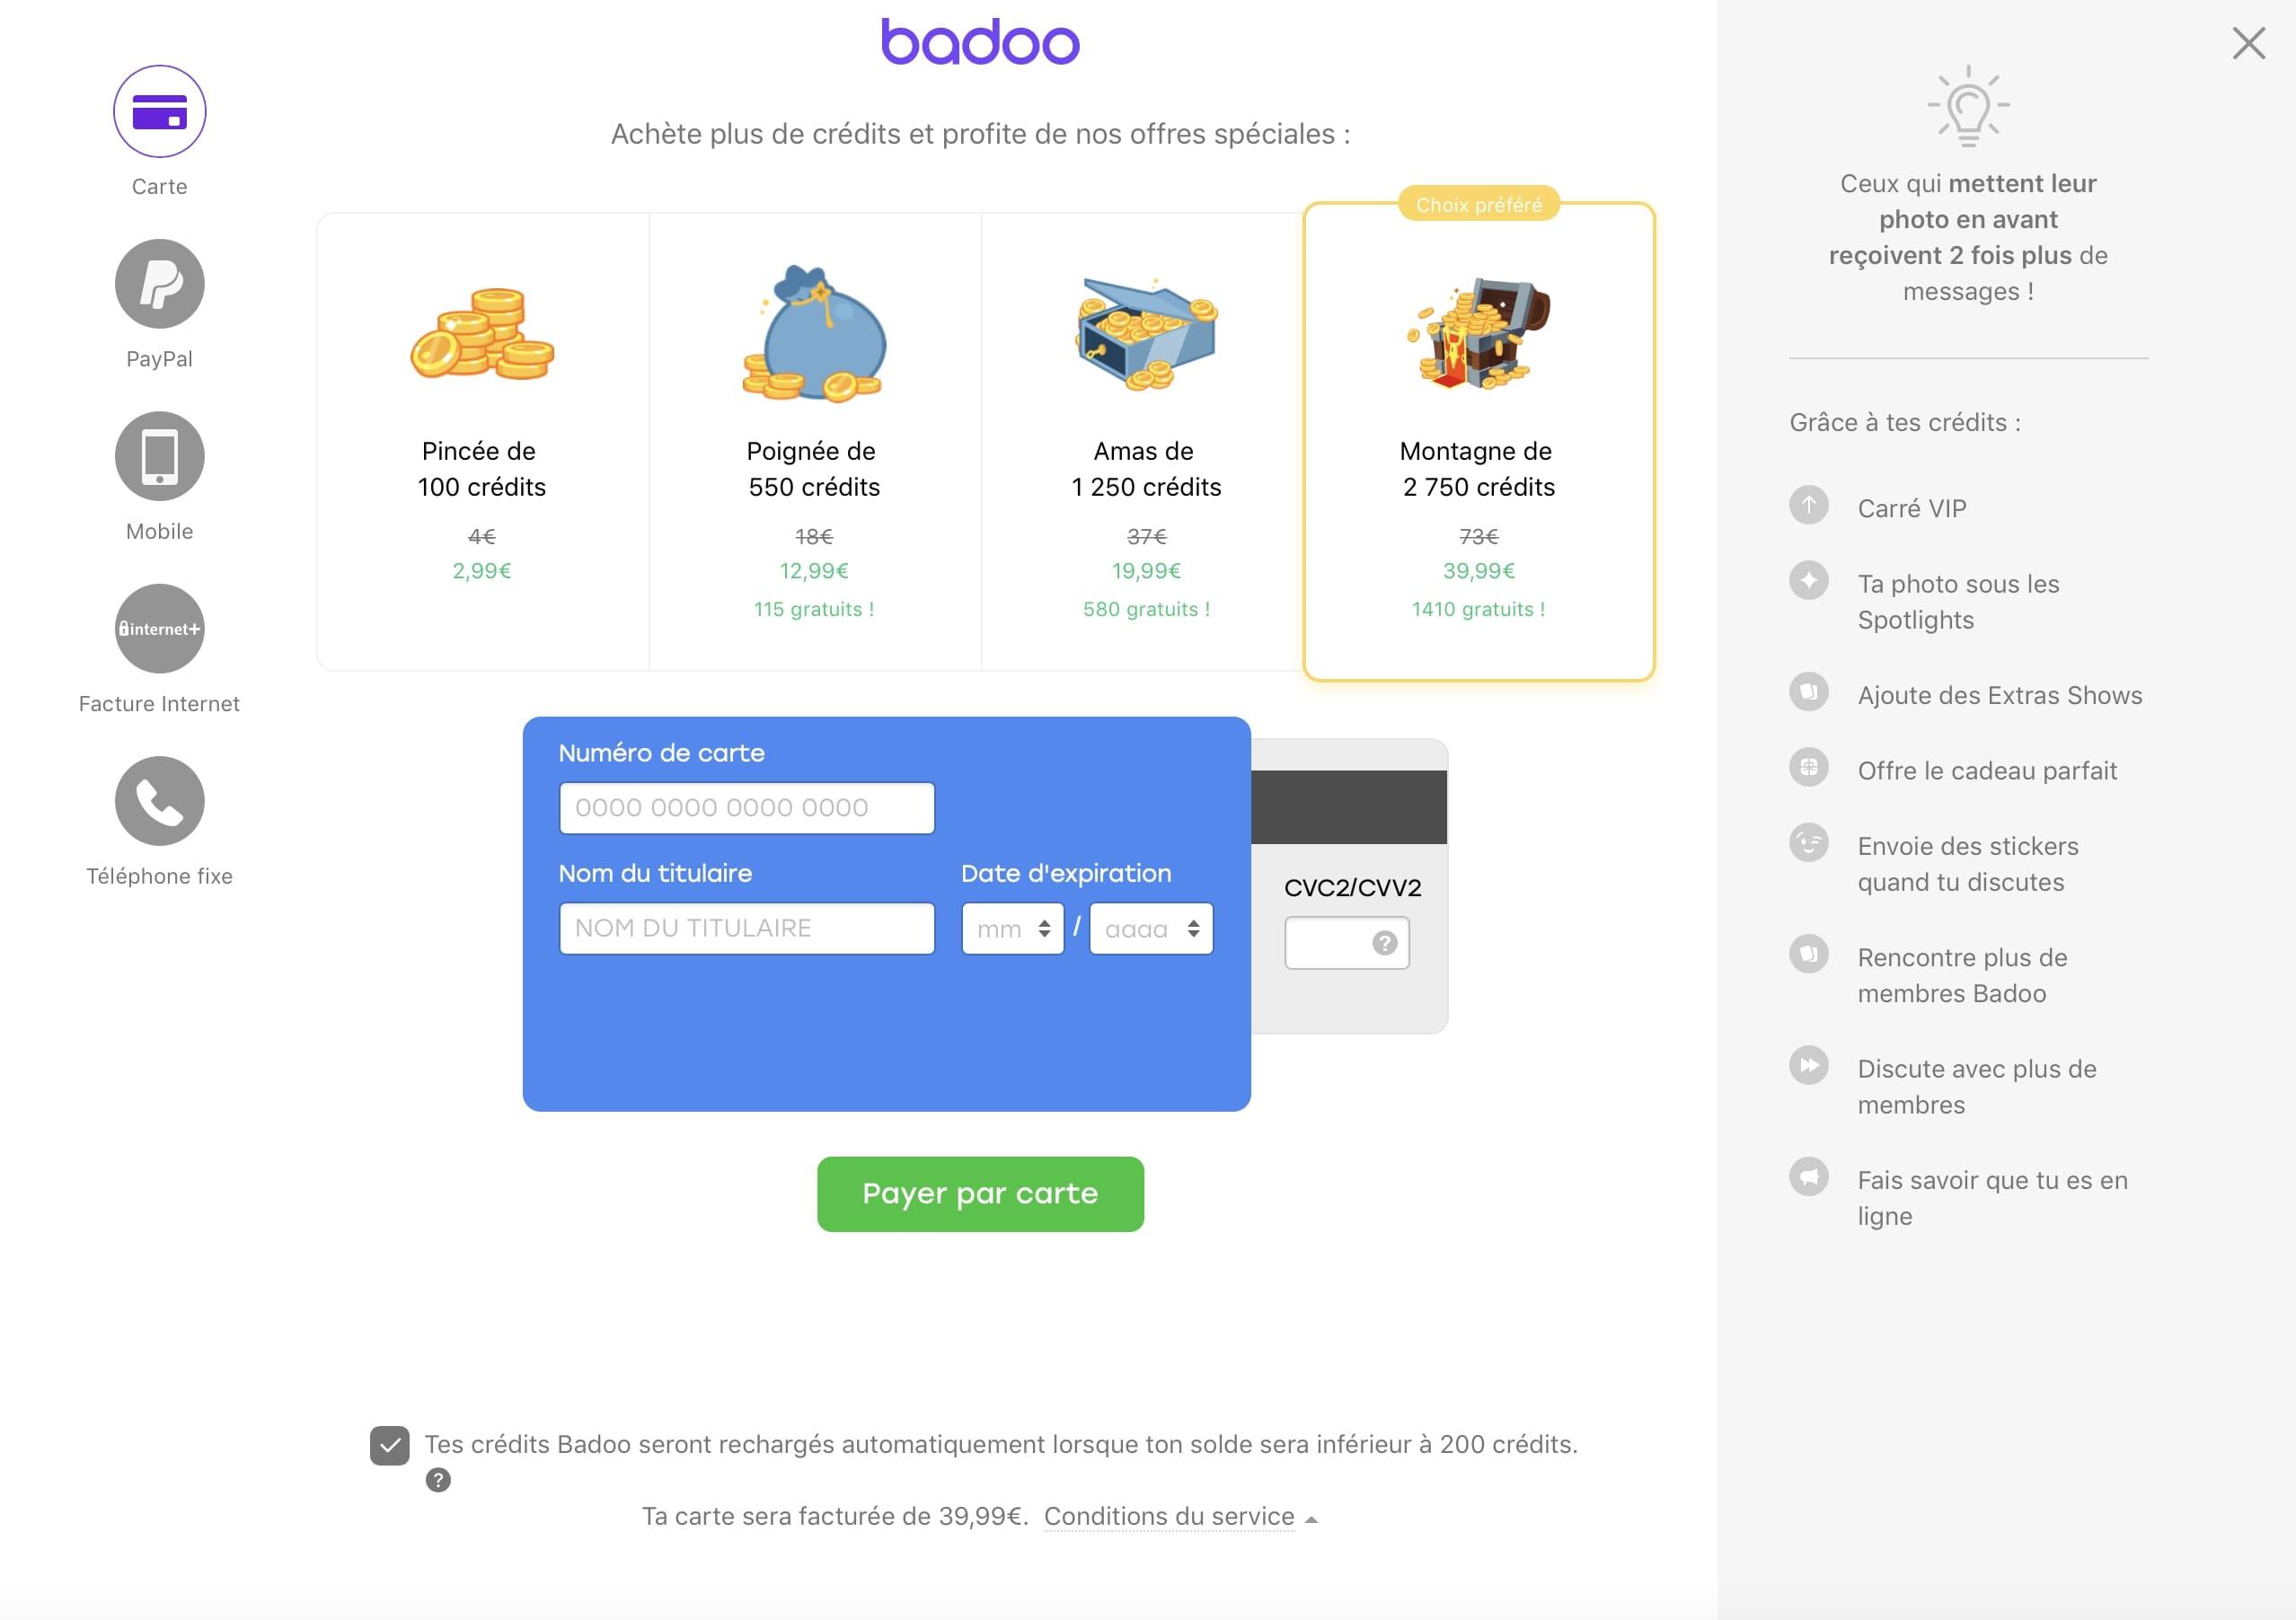 Badoo badoo 3